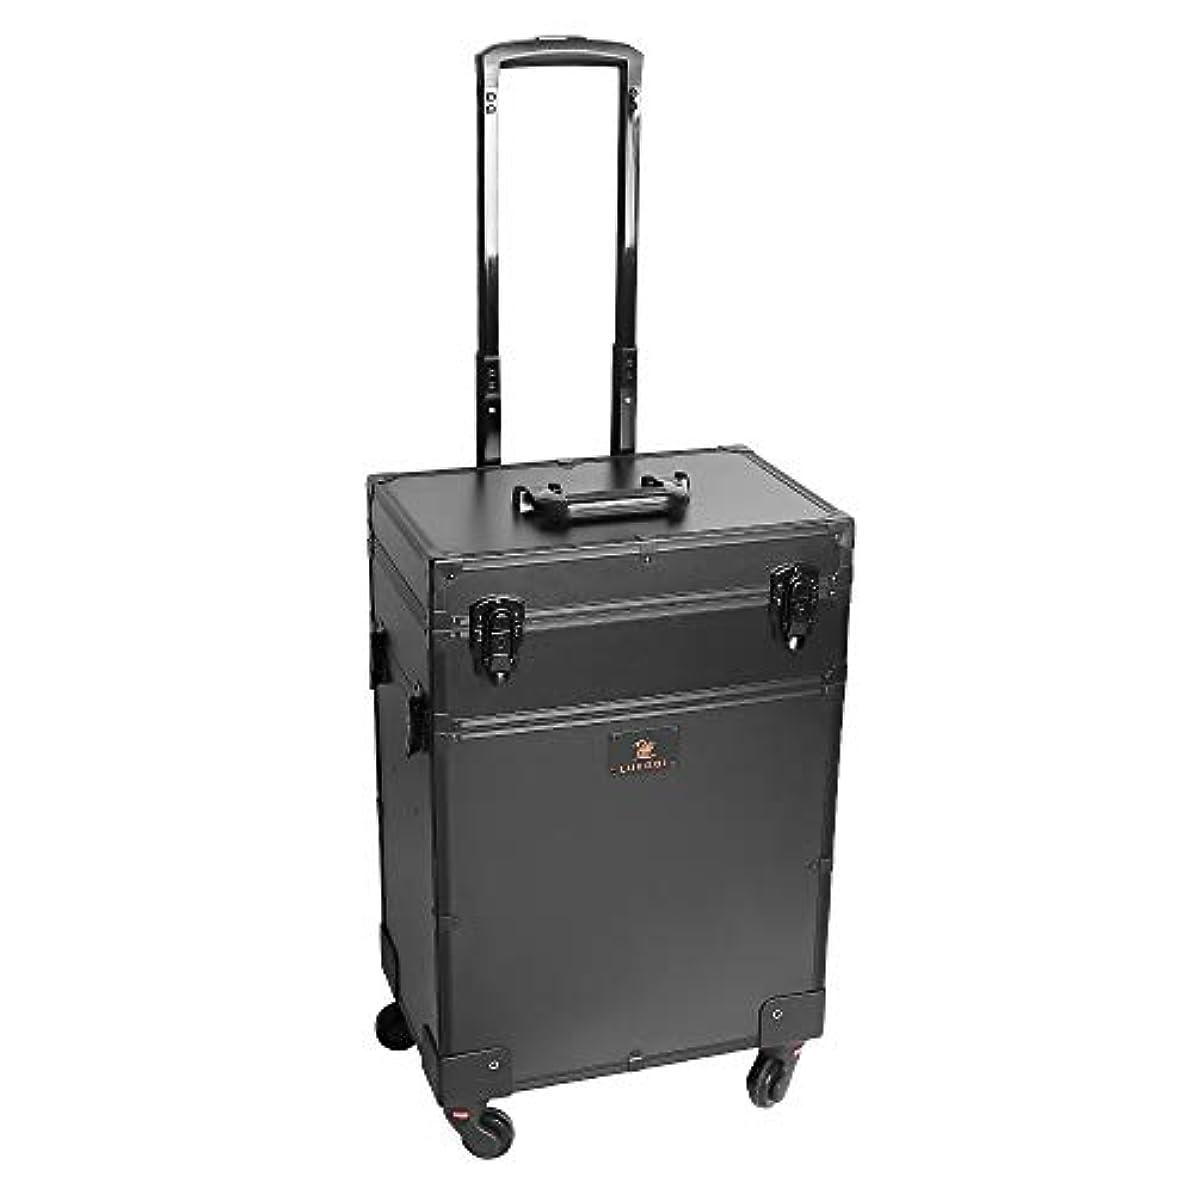 主観的突破口うがいLUVODI メイクボックス 鏡付き 大容量 プロ用 メイクキャリーケース ミニドレッサー付き 鍵付き 持ち運び 美容師 業務 旅行 コスメ収納ボックス 化粧箱 ブラック